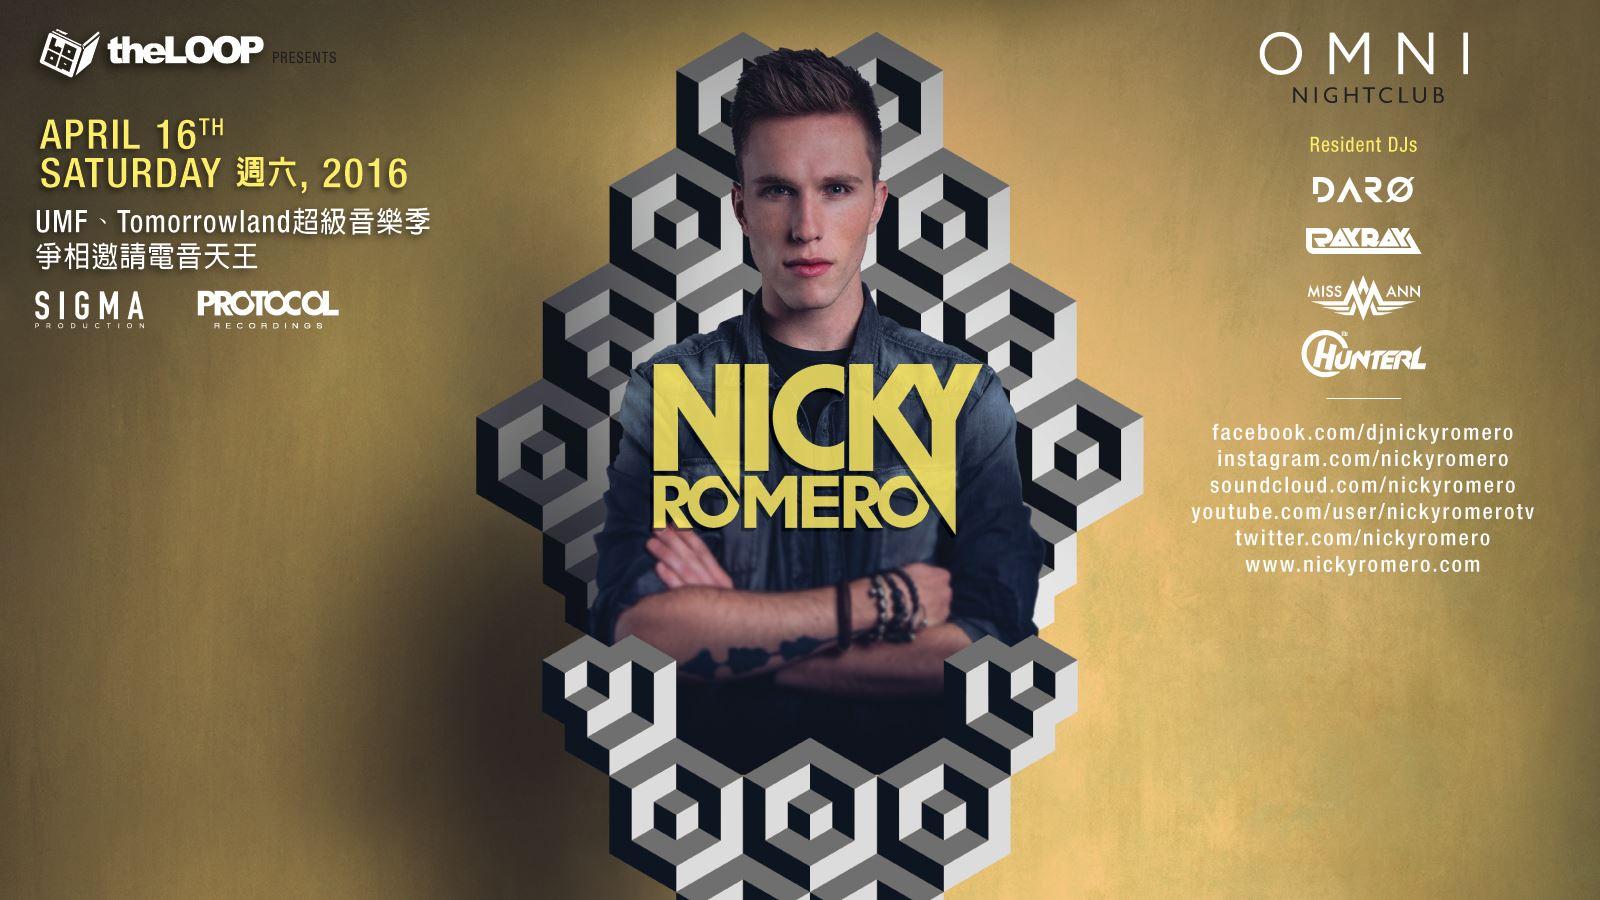 Nicky Romero OMNI